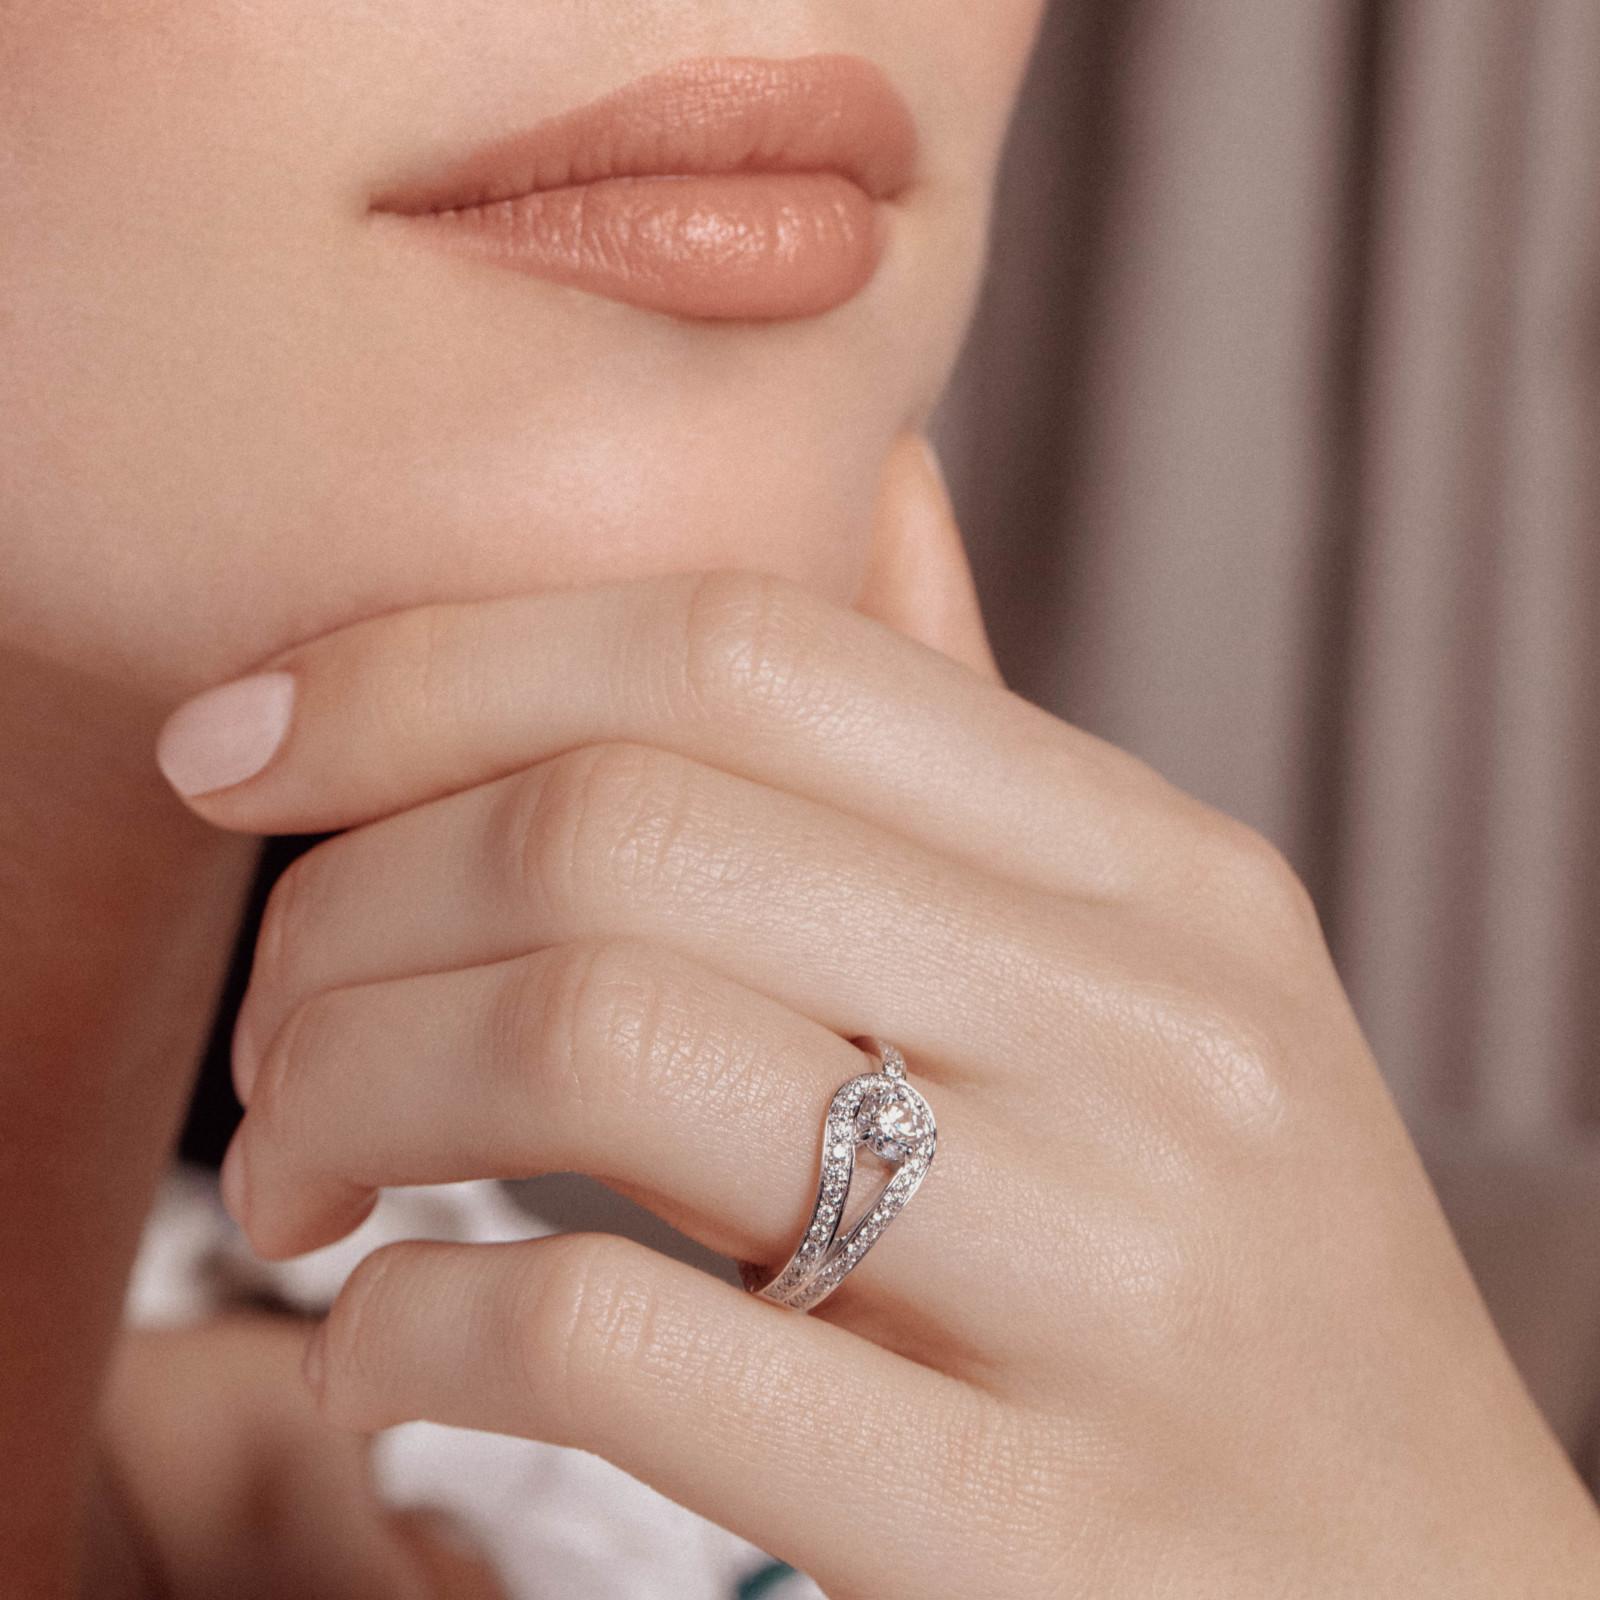 bague-fiancailles-or-blanc-diamant-originale